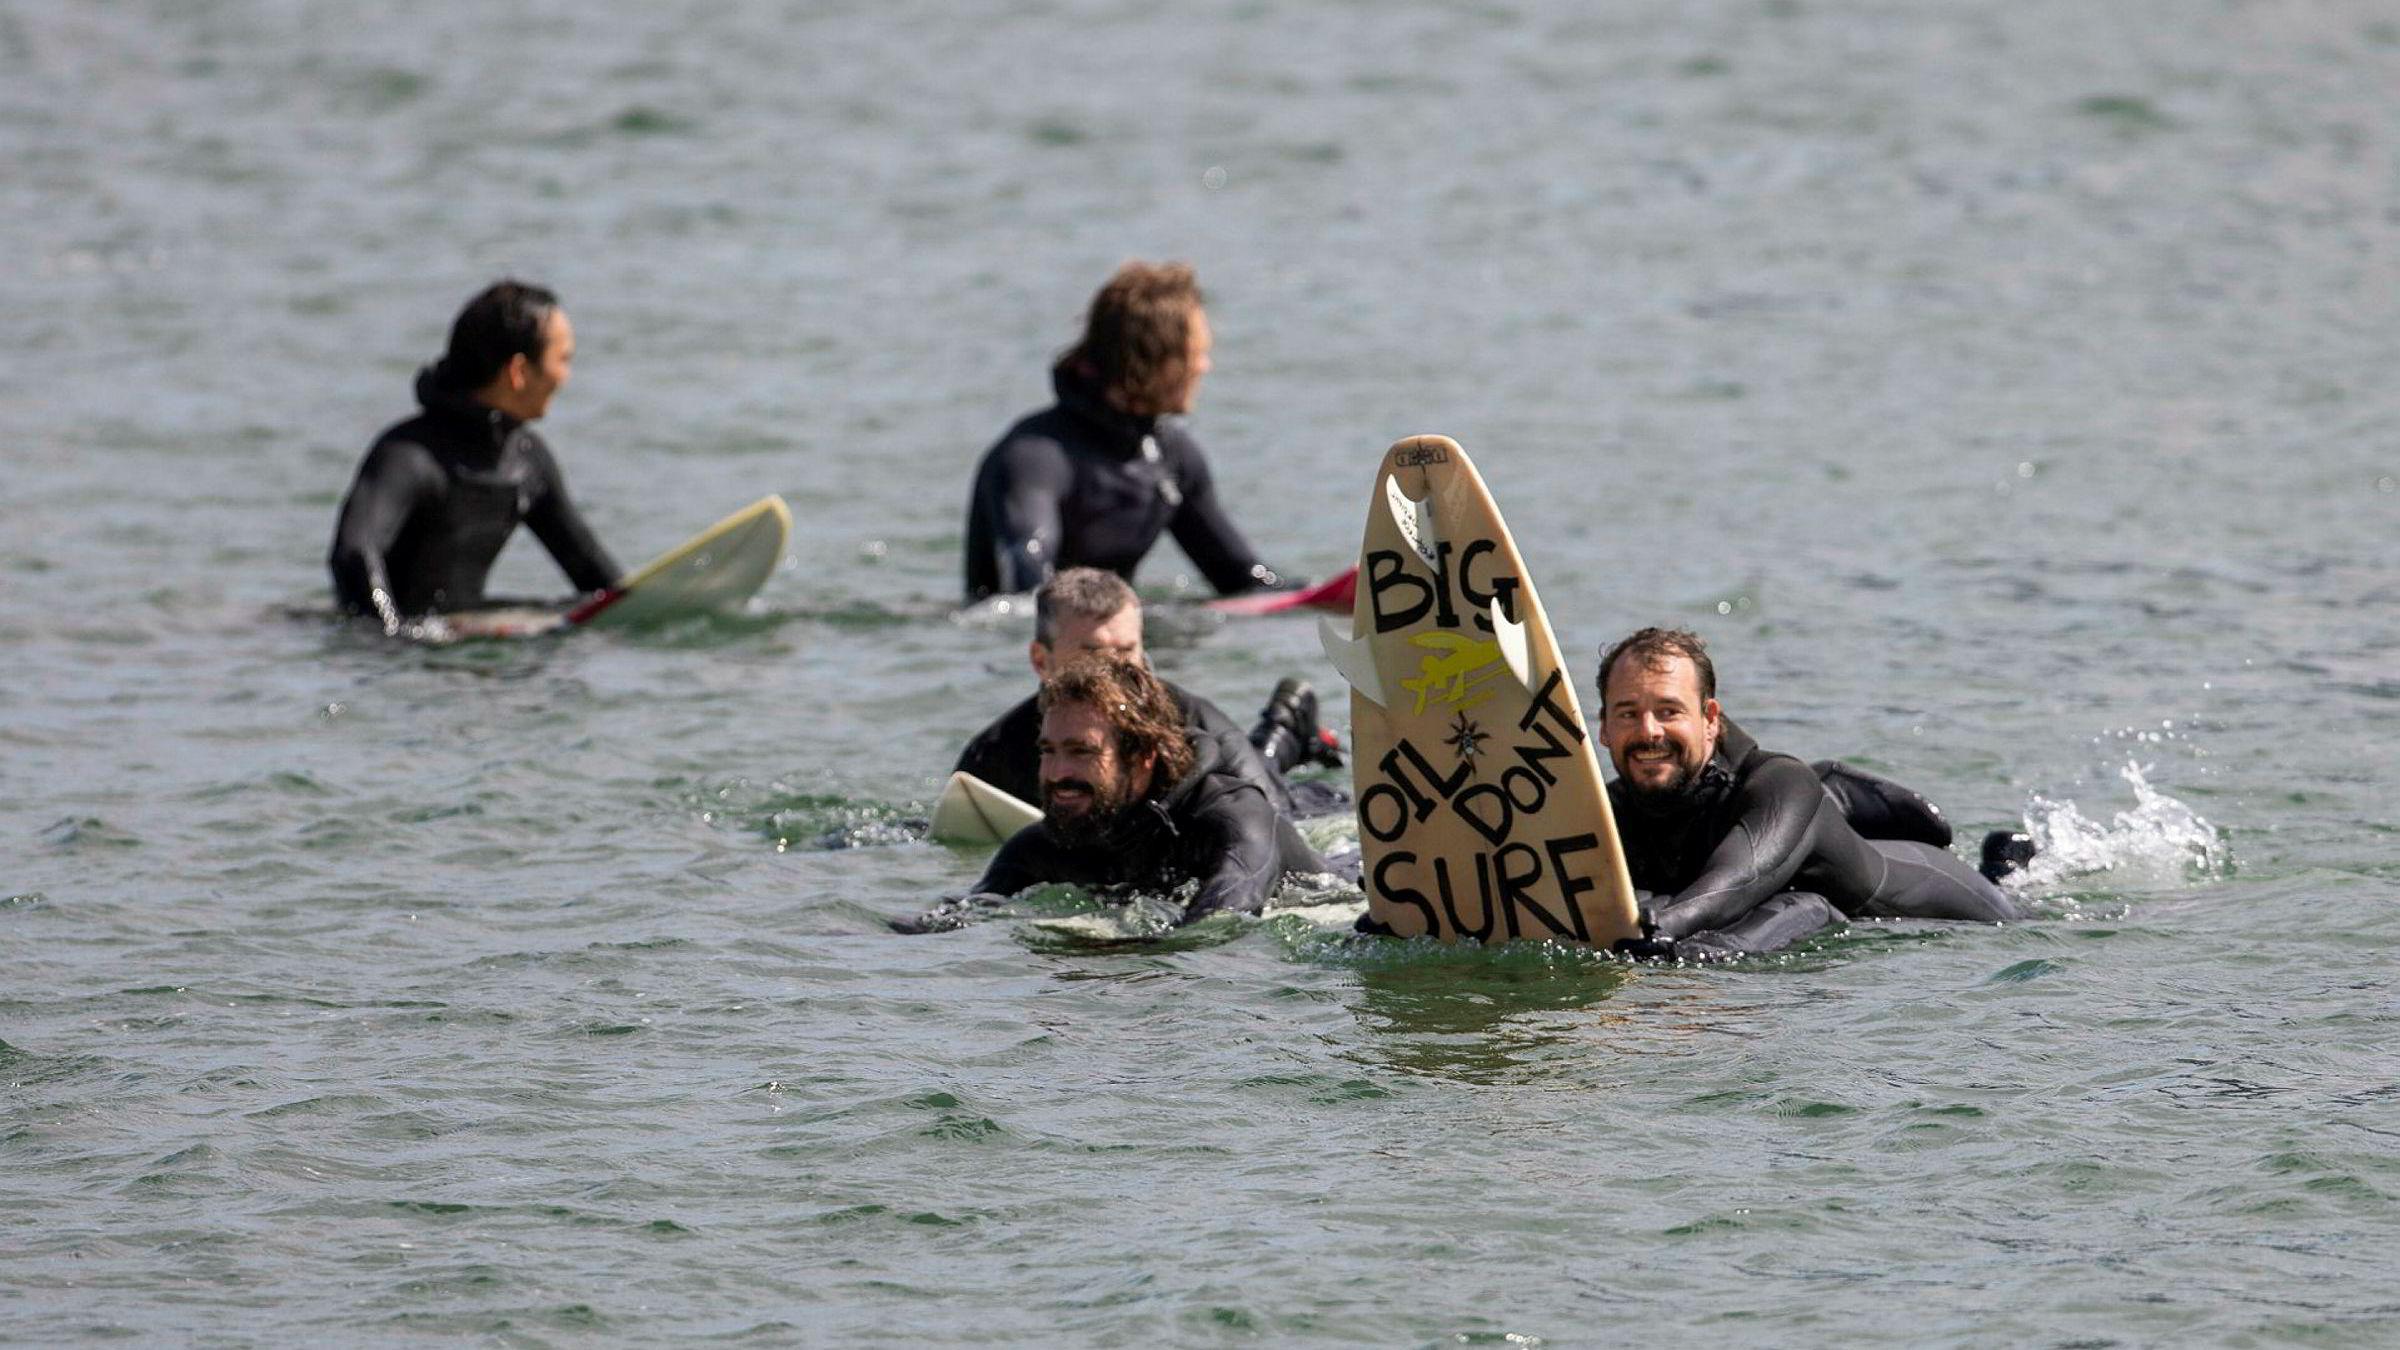 Surferne i Australia har arrangert demonstrasjoner flere steder, men mener det virkelige vendepunktet i kampen var at de sendte en delegasjon til Norge og Equinors generalforsamling i mai i fjor. Her fra surfedemonstrasjon, en såkalt paddleout, i havnebassenget utenfor Operaen i Oslo.